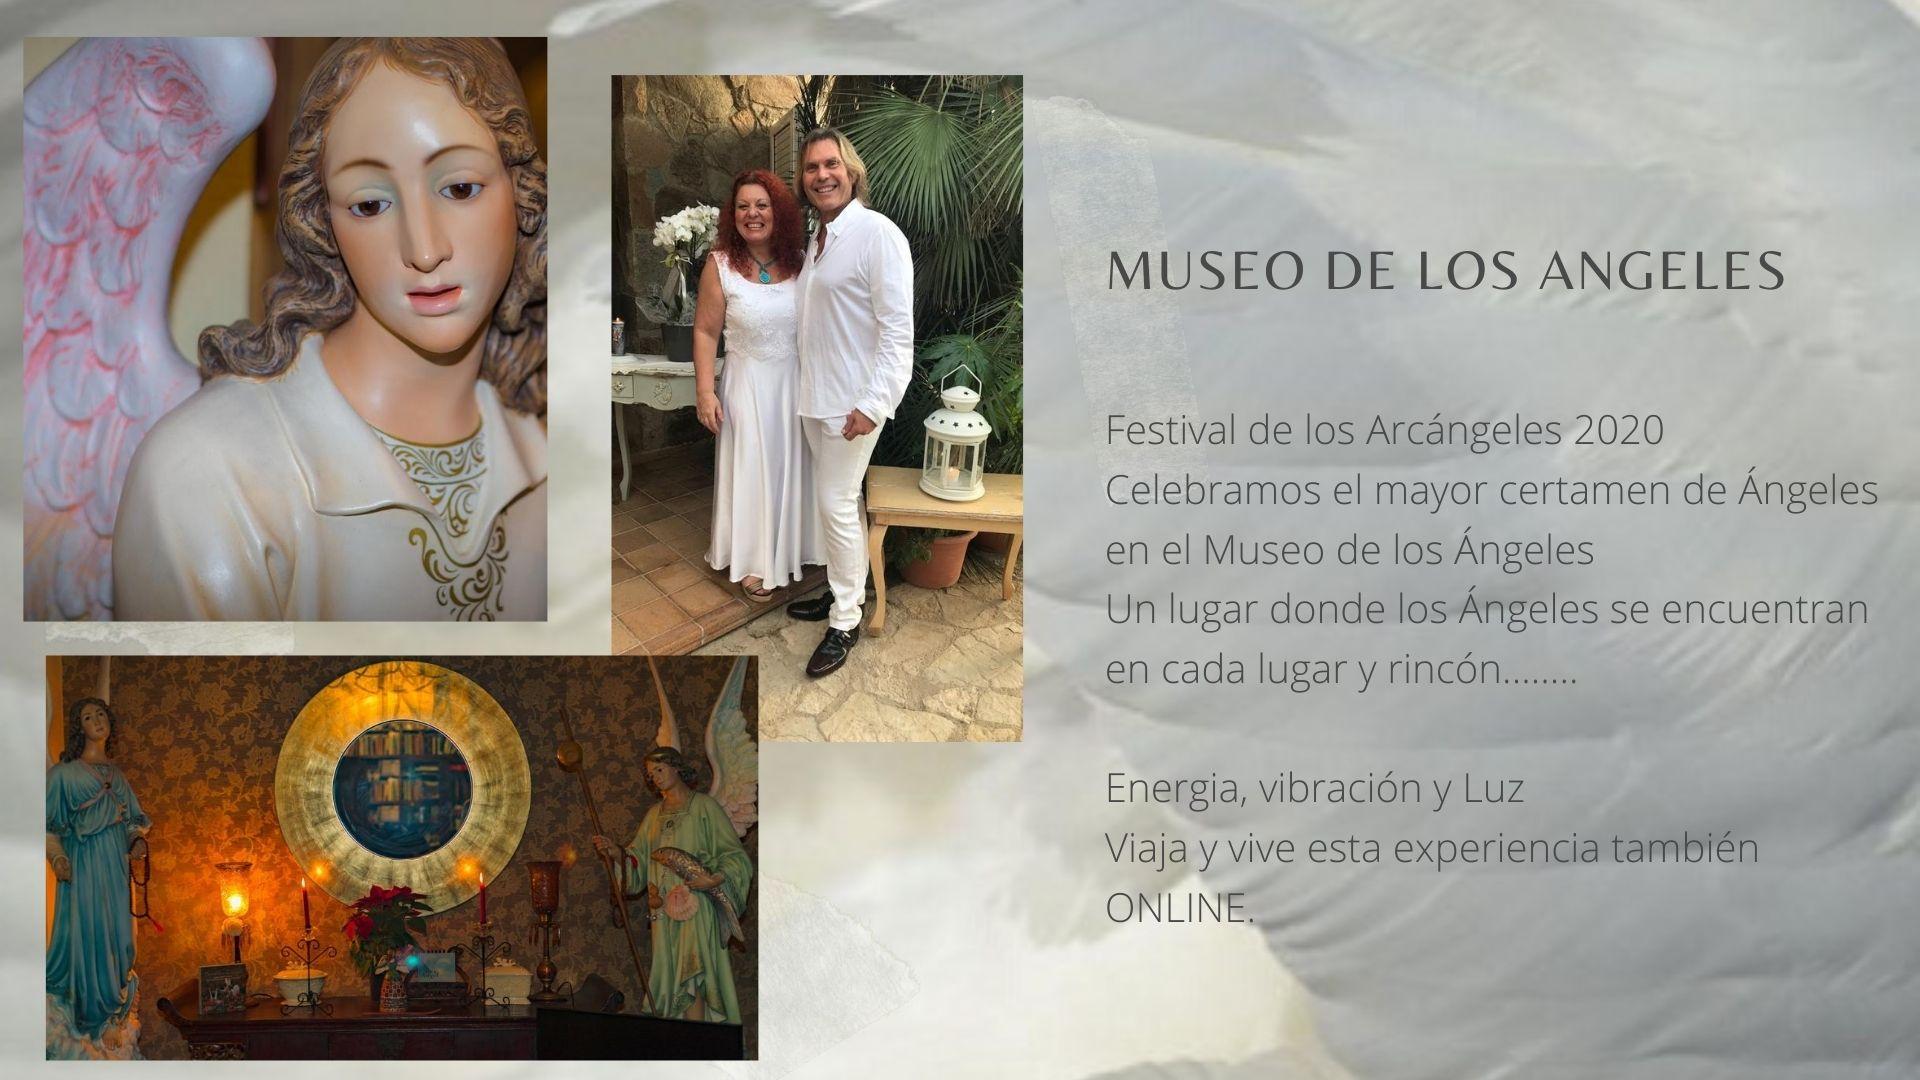 museo de los angeles